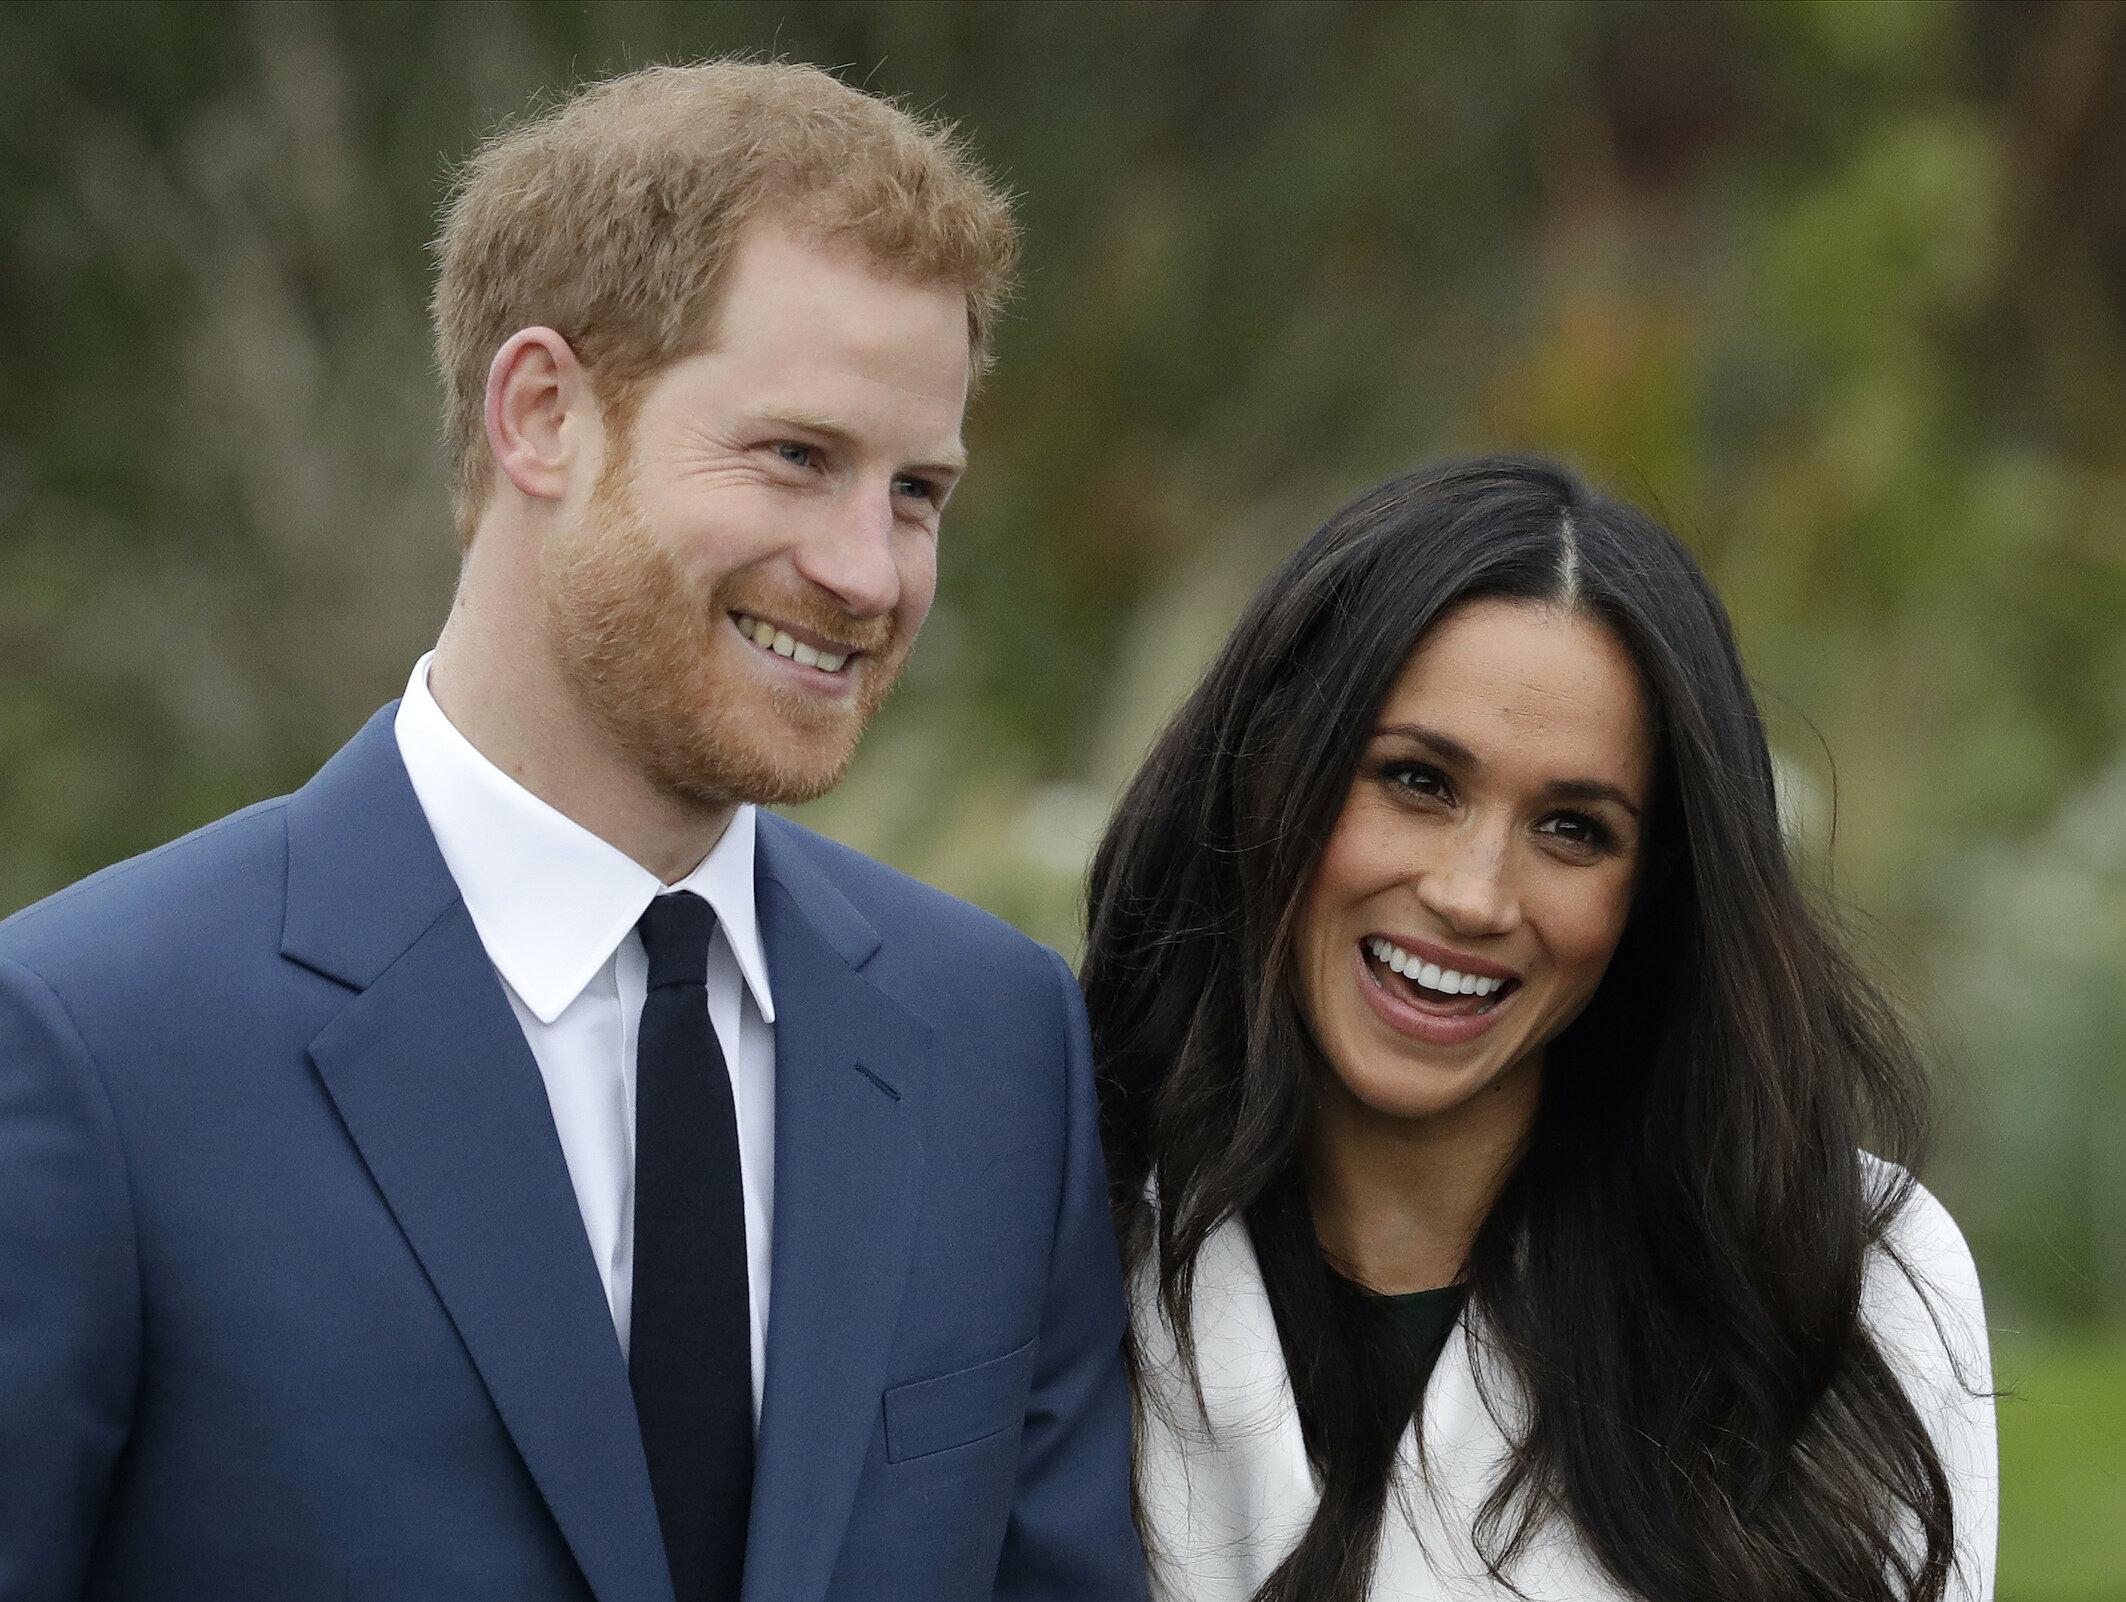 Prinz Harry und Herzogin Meghan haben sich aus der britischen Königsfamilie zurückgezogen, um ein selbstbestimmteres Leben zu führen.  © picture alliance / AP Photo